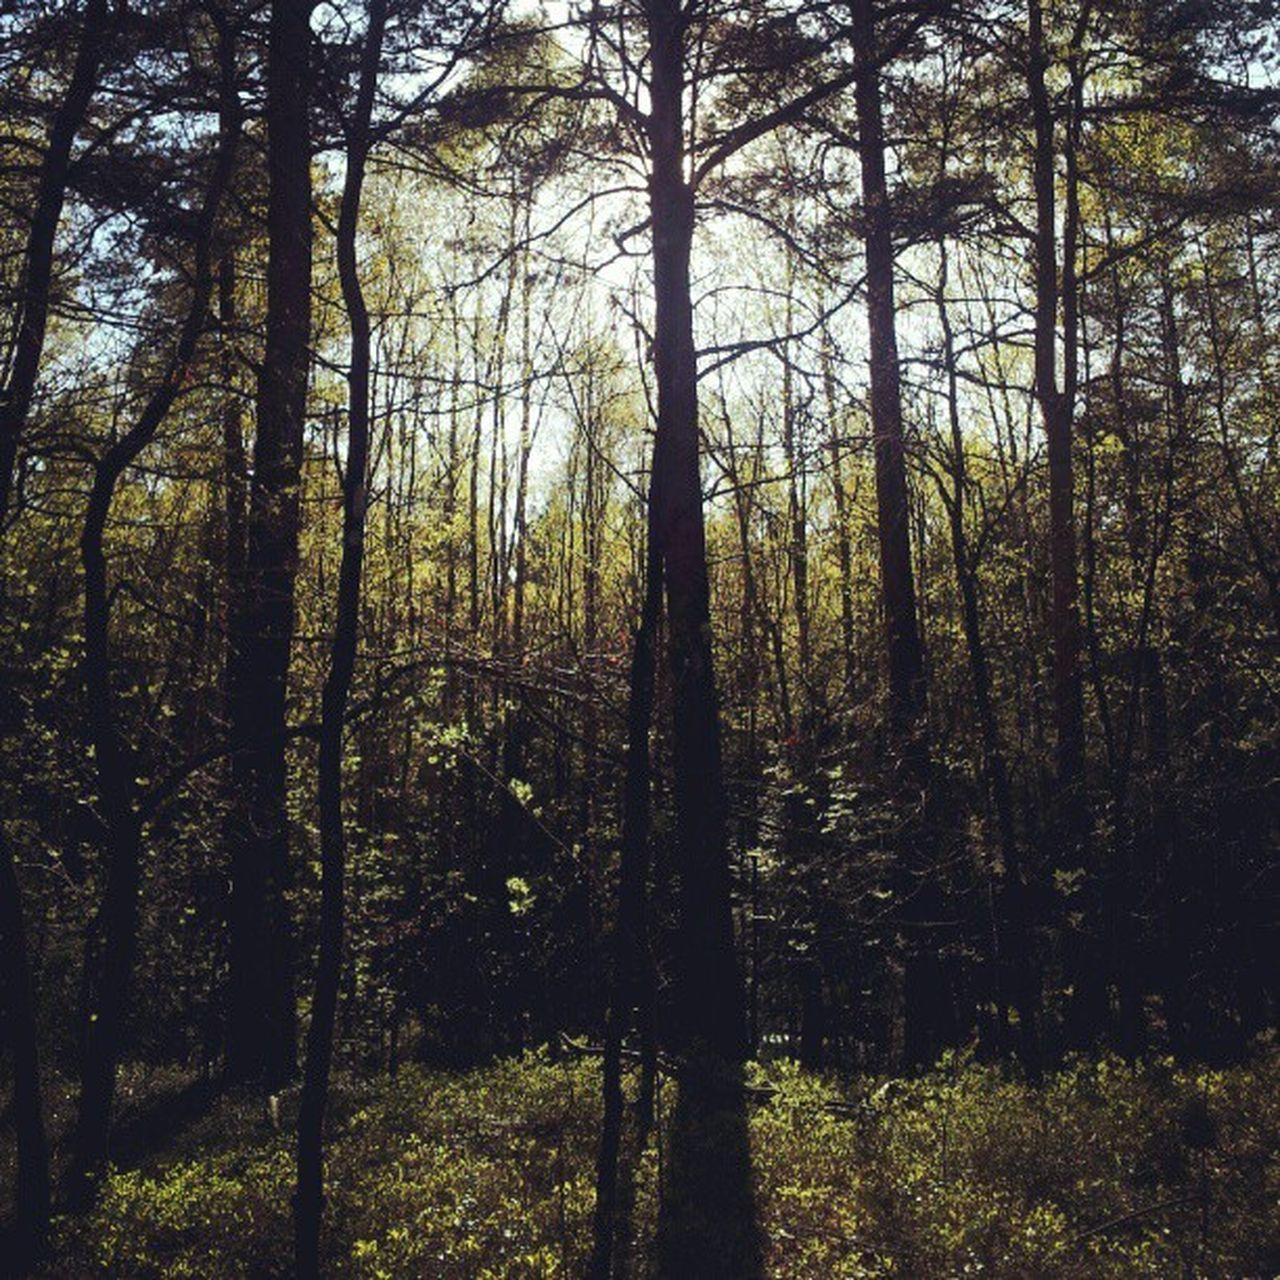 #Woods #trees #forest in #Gothenburg #Göteborg #Sweden #Sverige #dappled #sunlight Trees Sunlight Woods Forest Gothenburg Sweden Goteborg Dappled Sverige Ig_sweden Igersgothenburg